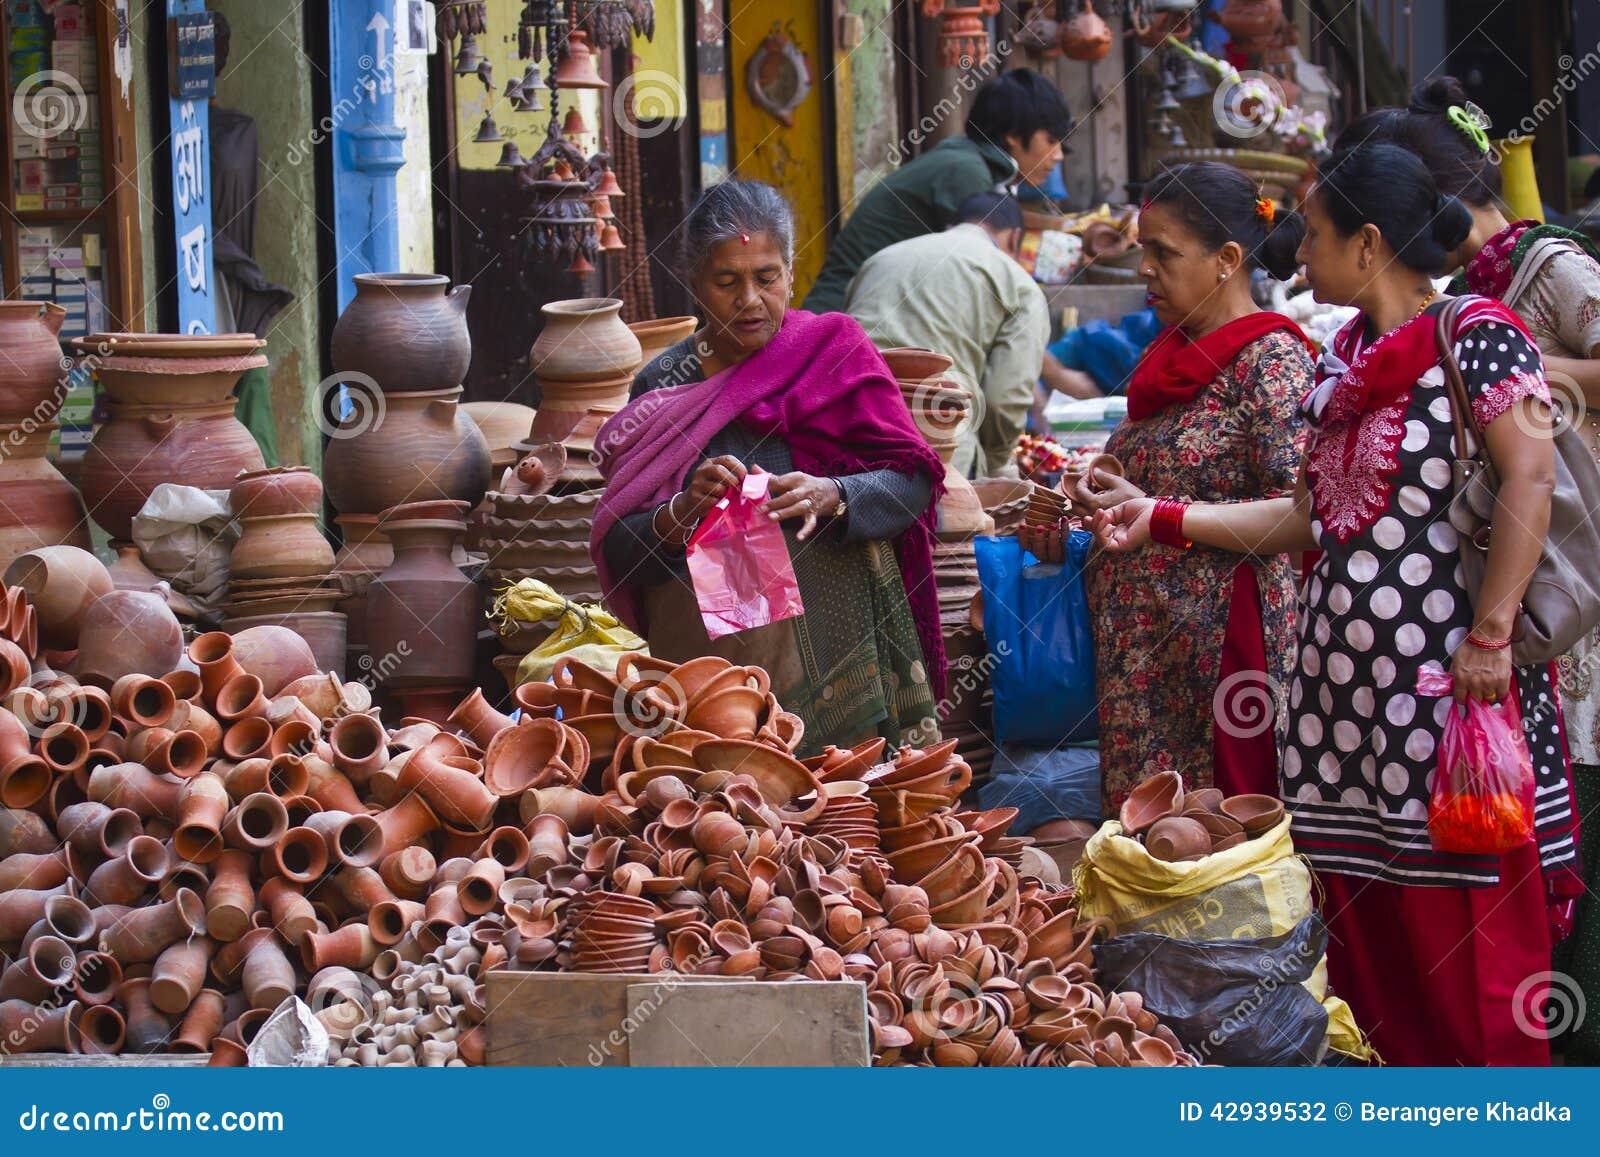 Street market in Kathmandu, Nepal